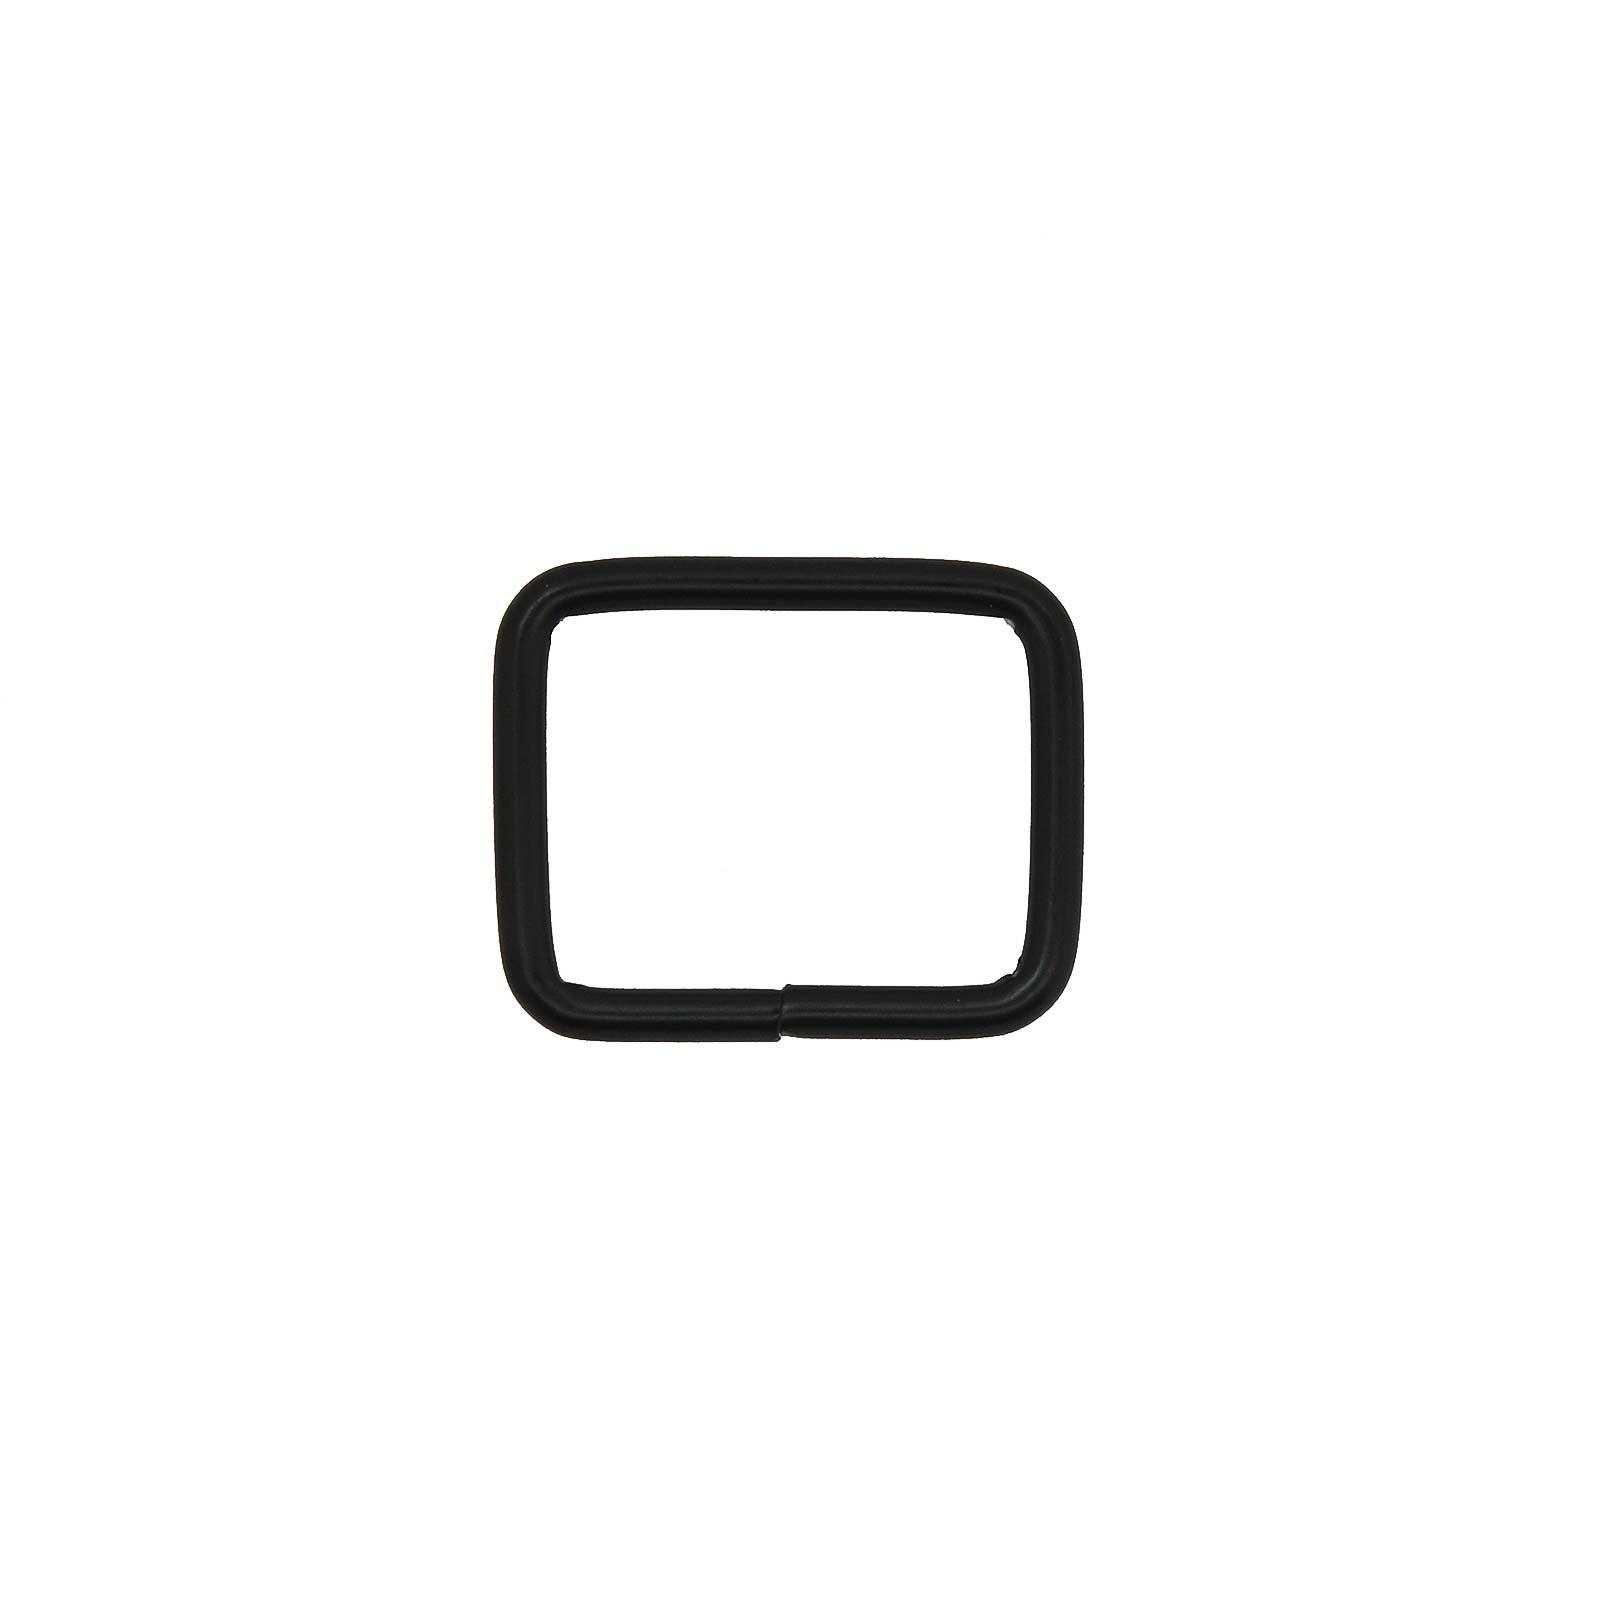 10 Rechteck Ringe Rahmen Durchzug Metall-Schlaufe Gurtband Variantenwahl – Bild 12